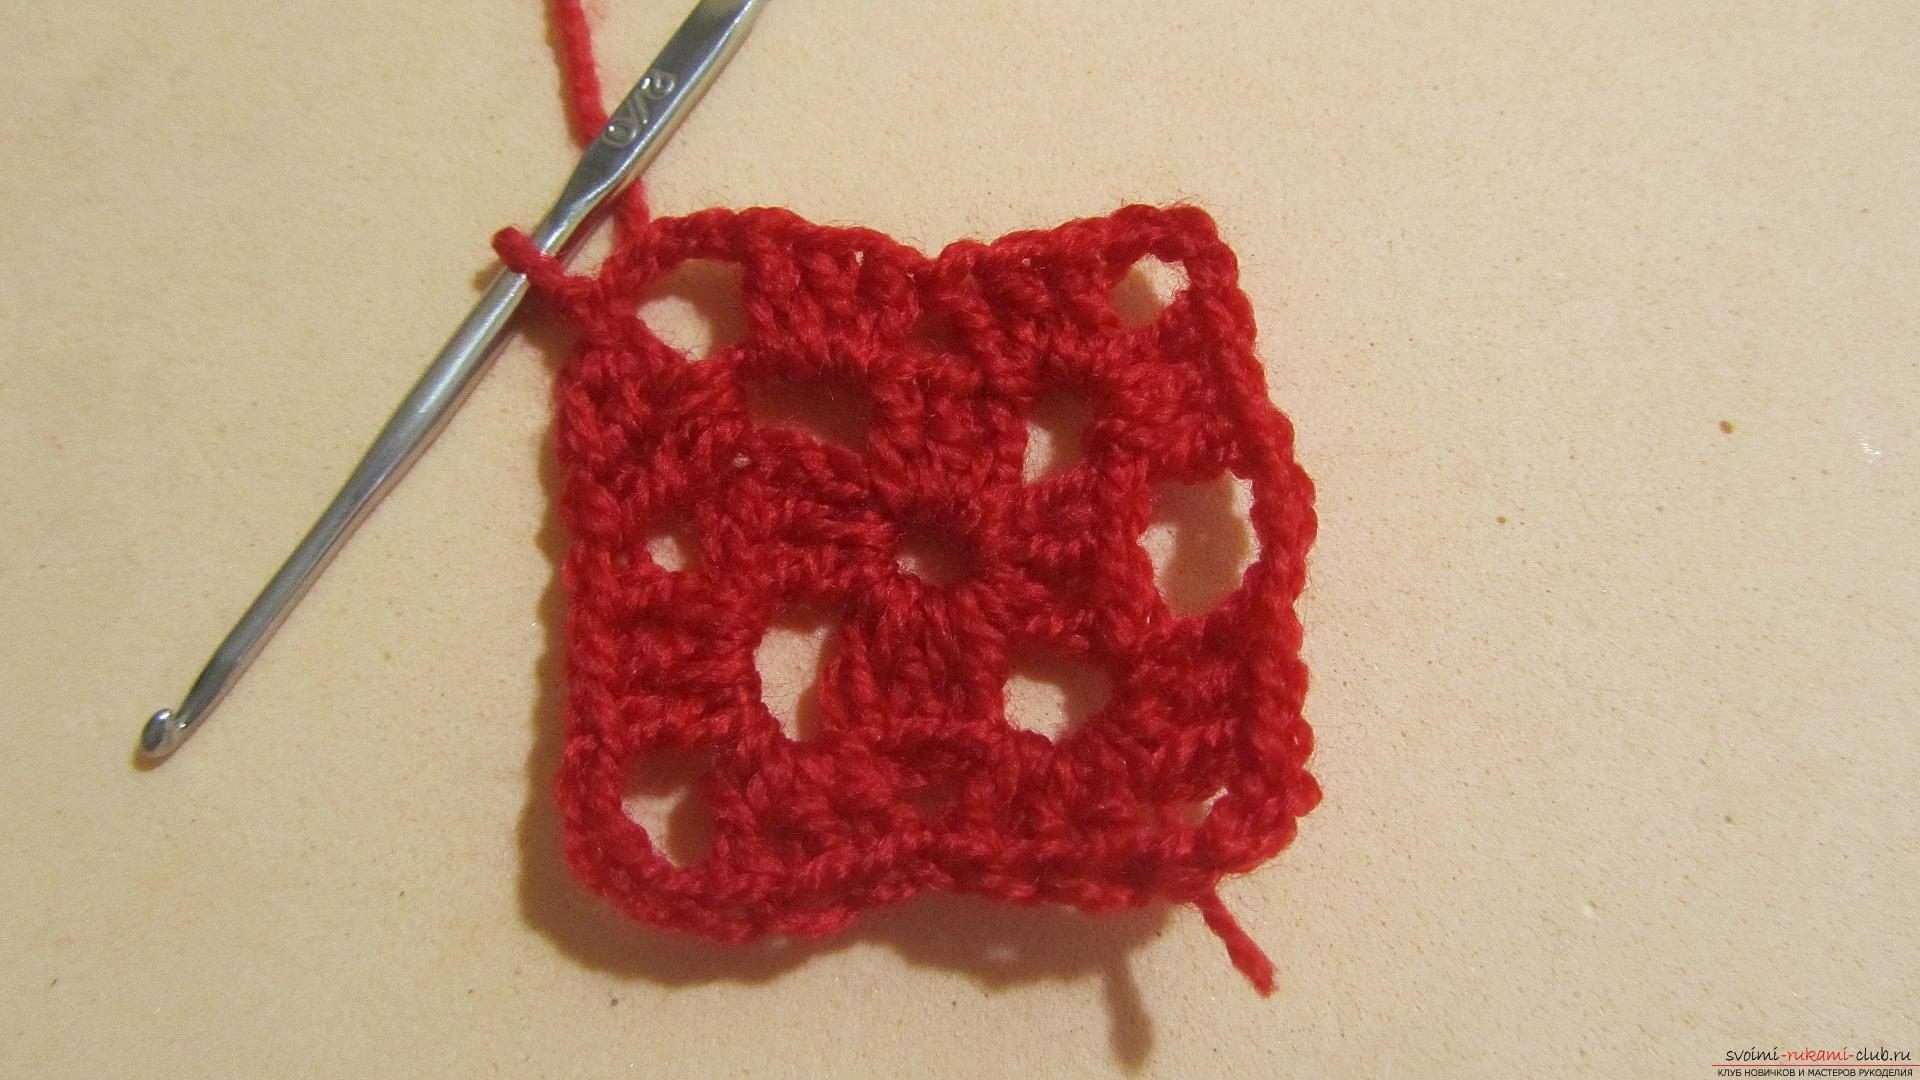 Одежду для мягких игрушек можно связать крючком своими руками, будем одевать игрушечную обезьянку.. Фото №45